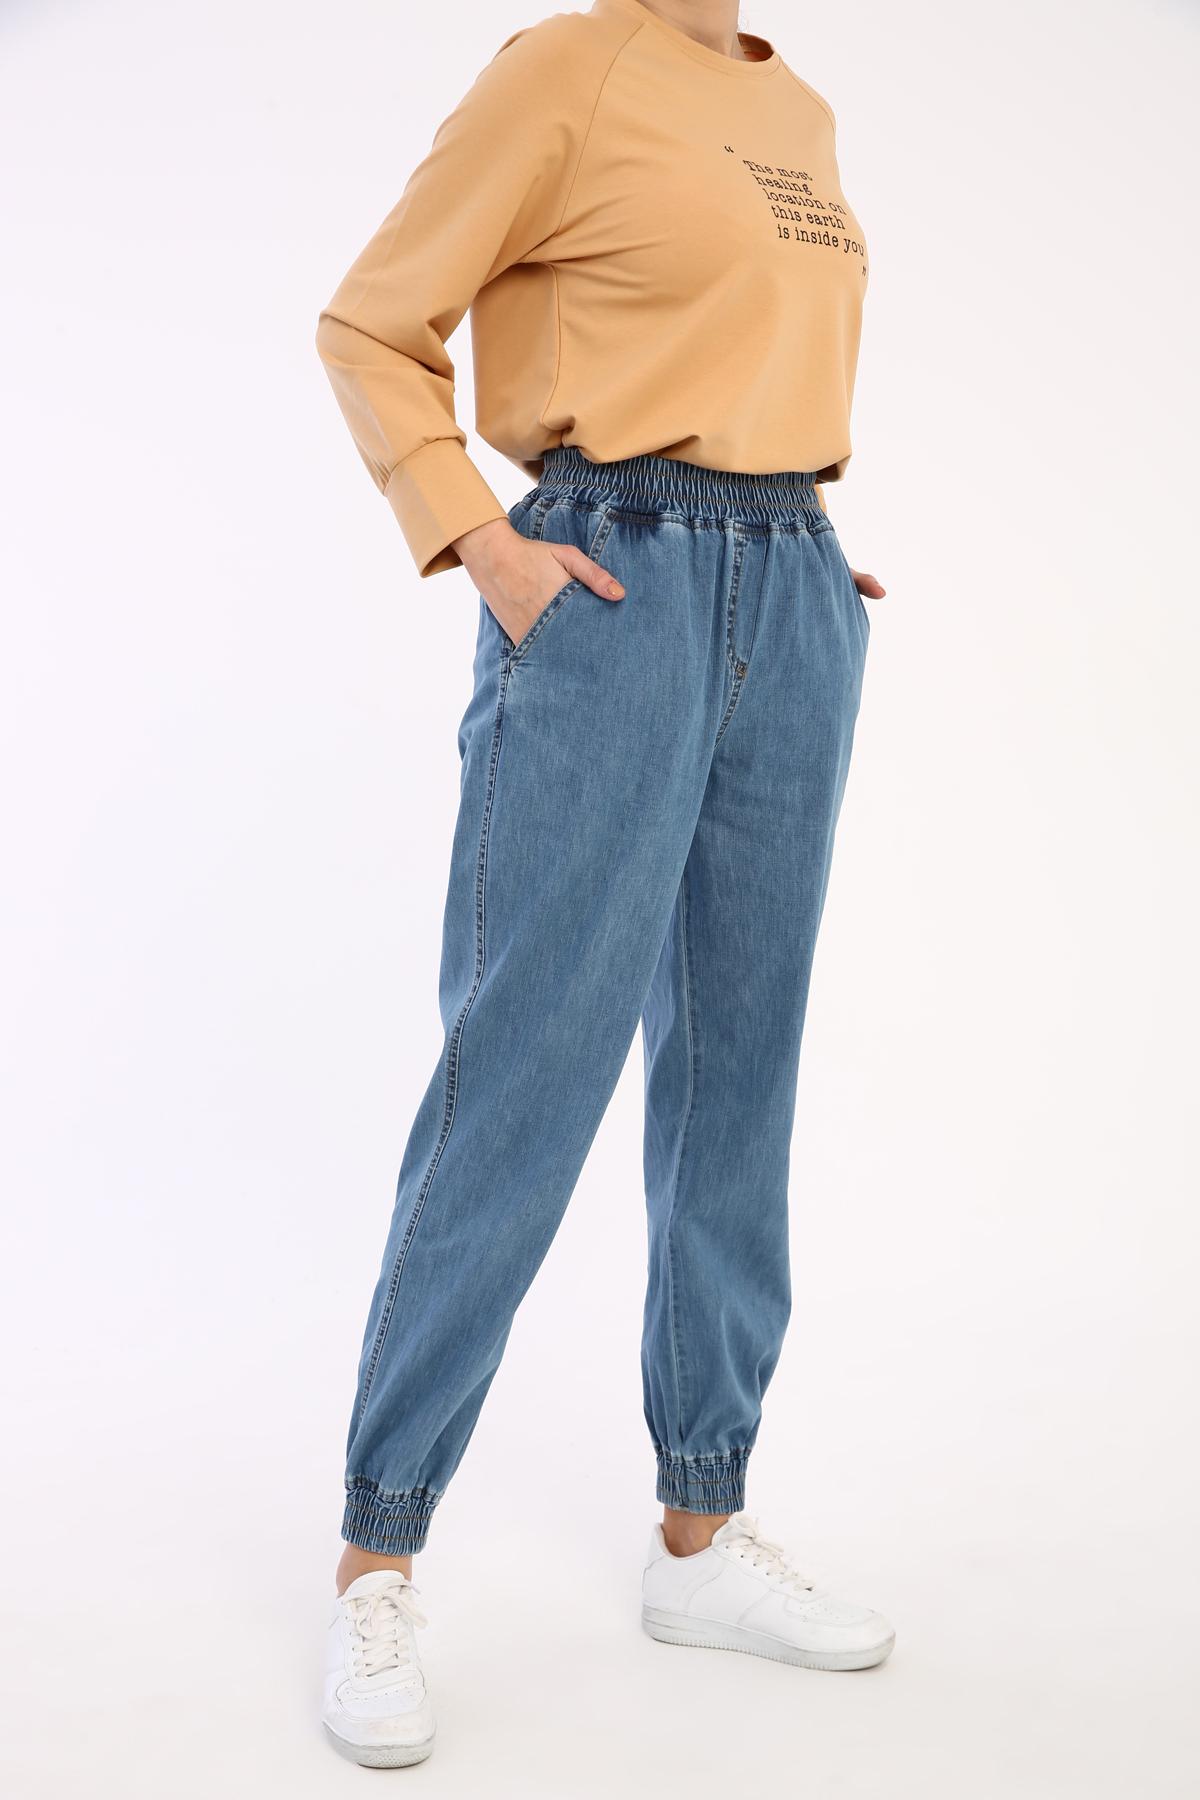 Jogger Comfy Denim Pants